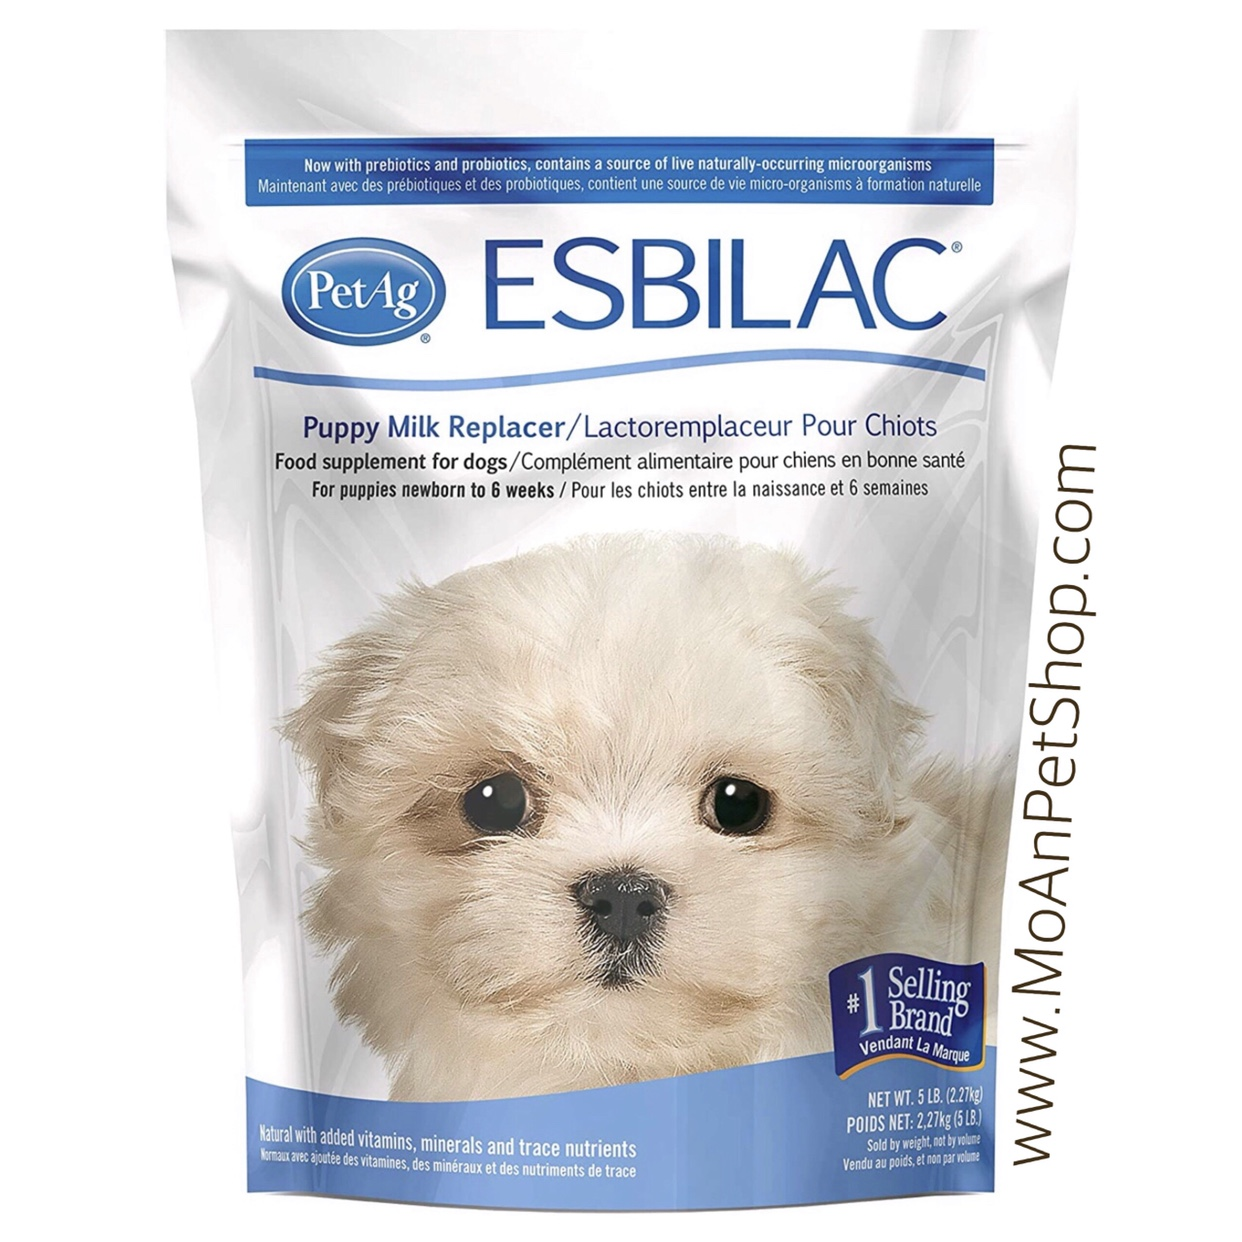 Sữa PetAg ESBILAC Mỹ dạng bột 2.27kg